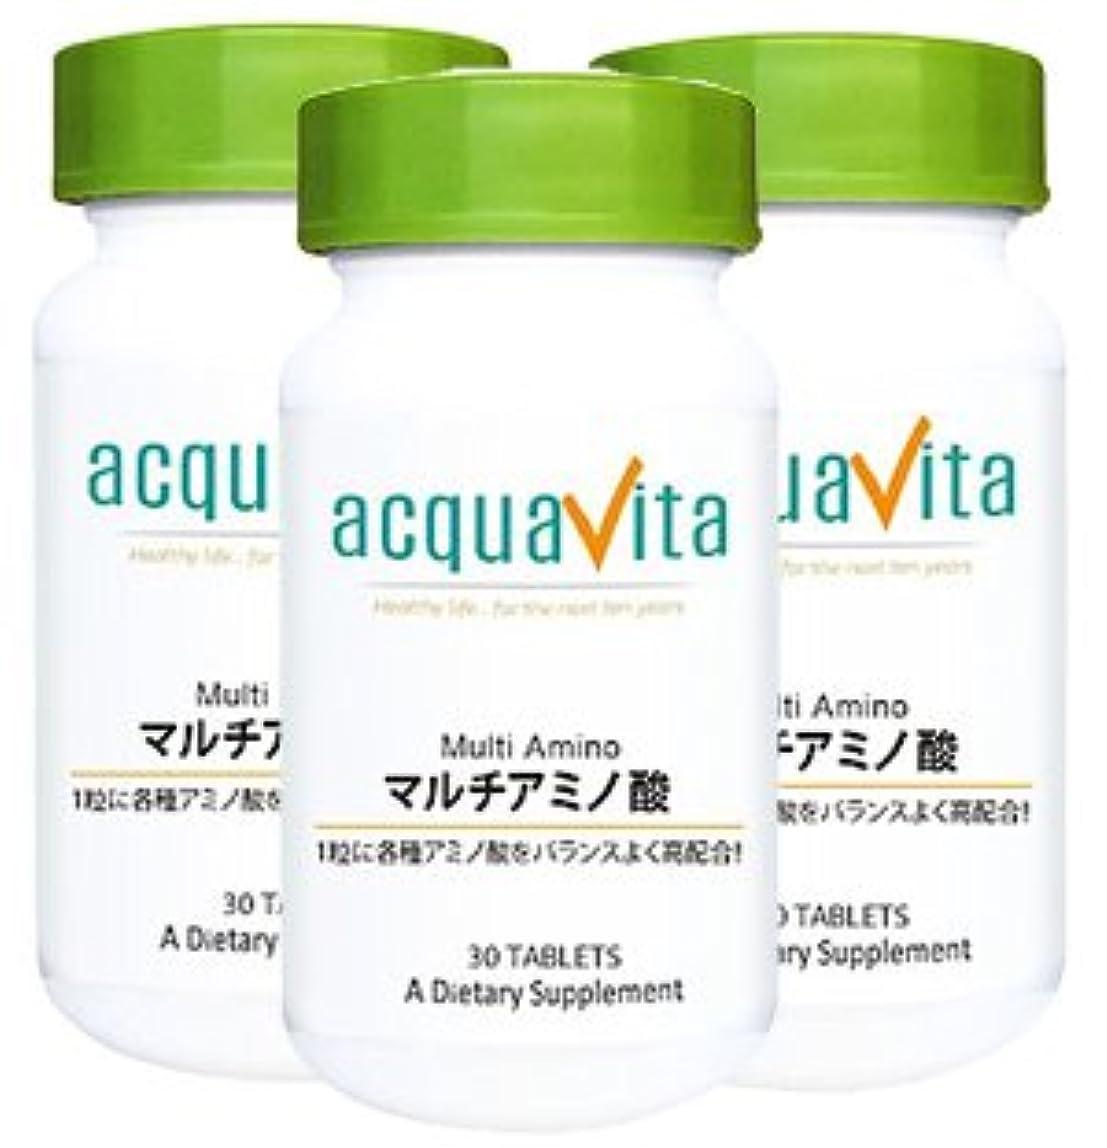 ギャラントリー仕様提供されたアクアヴィータ マルチアミノ酸(アクアビータ?Acquavita)【3本セット】